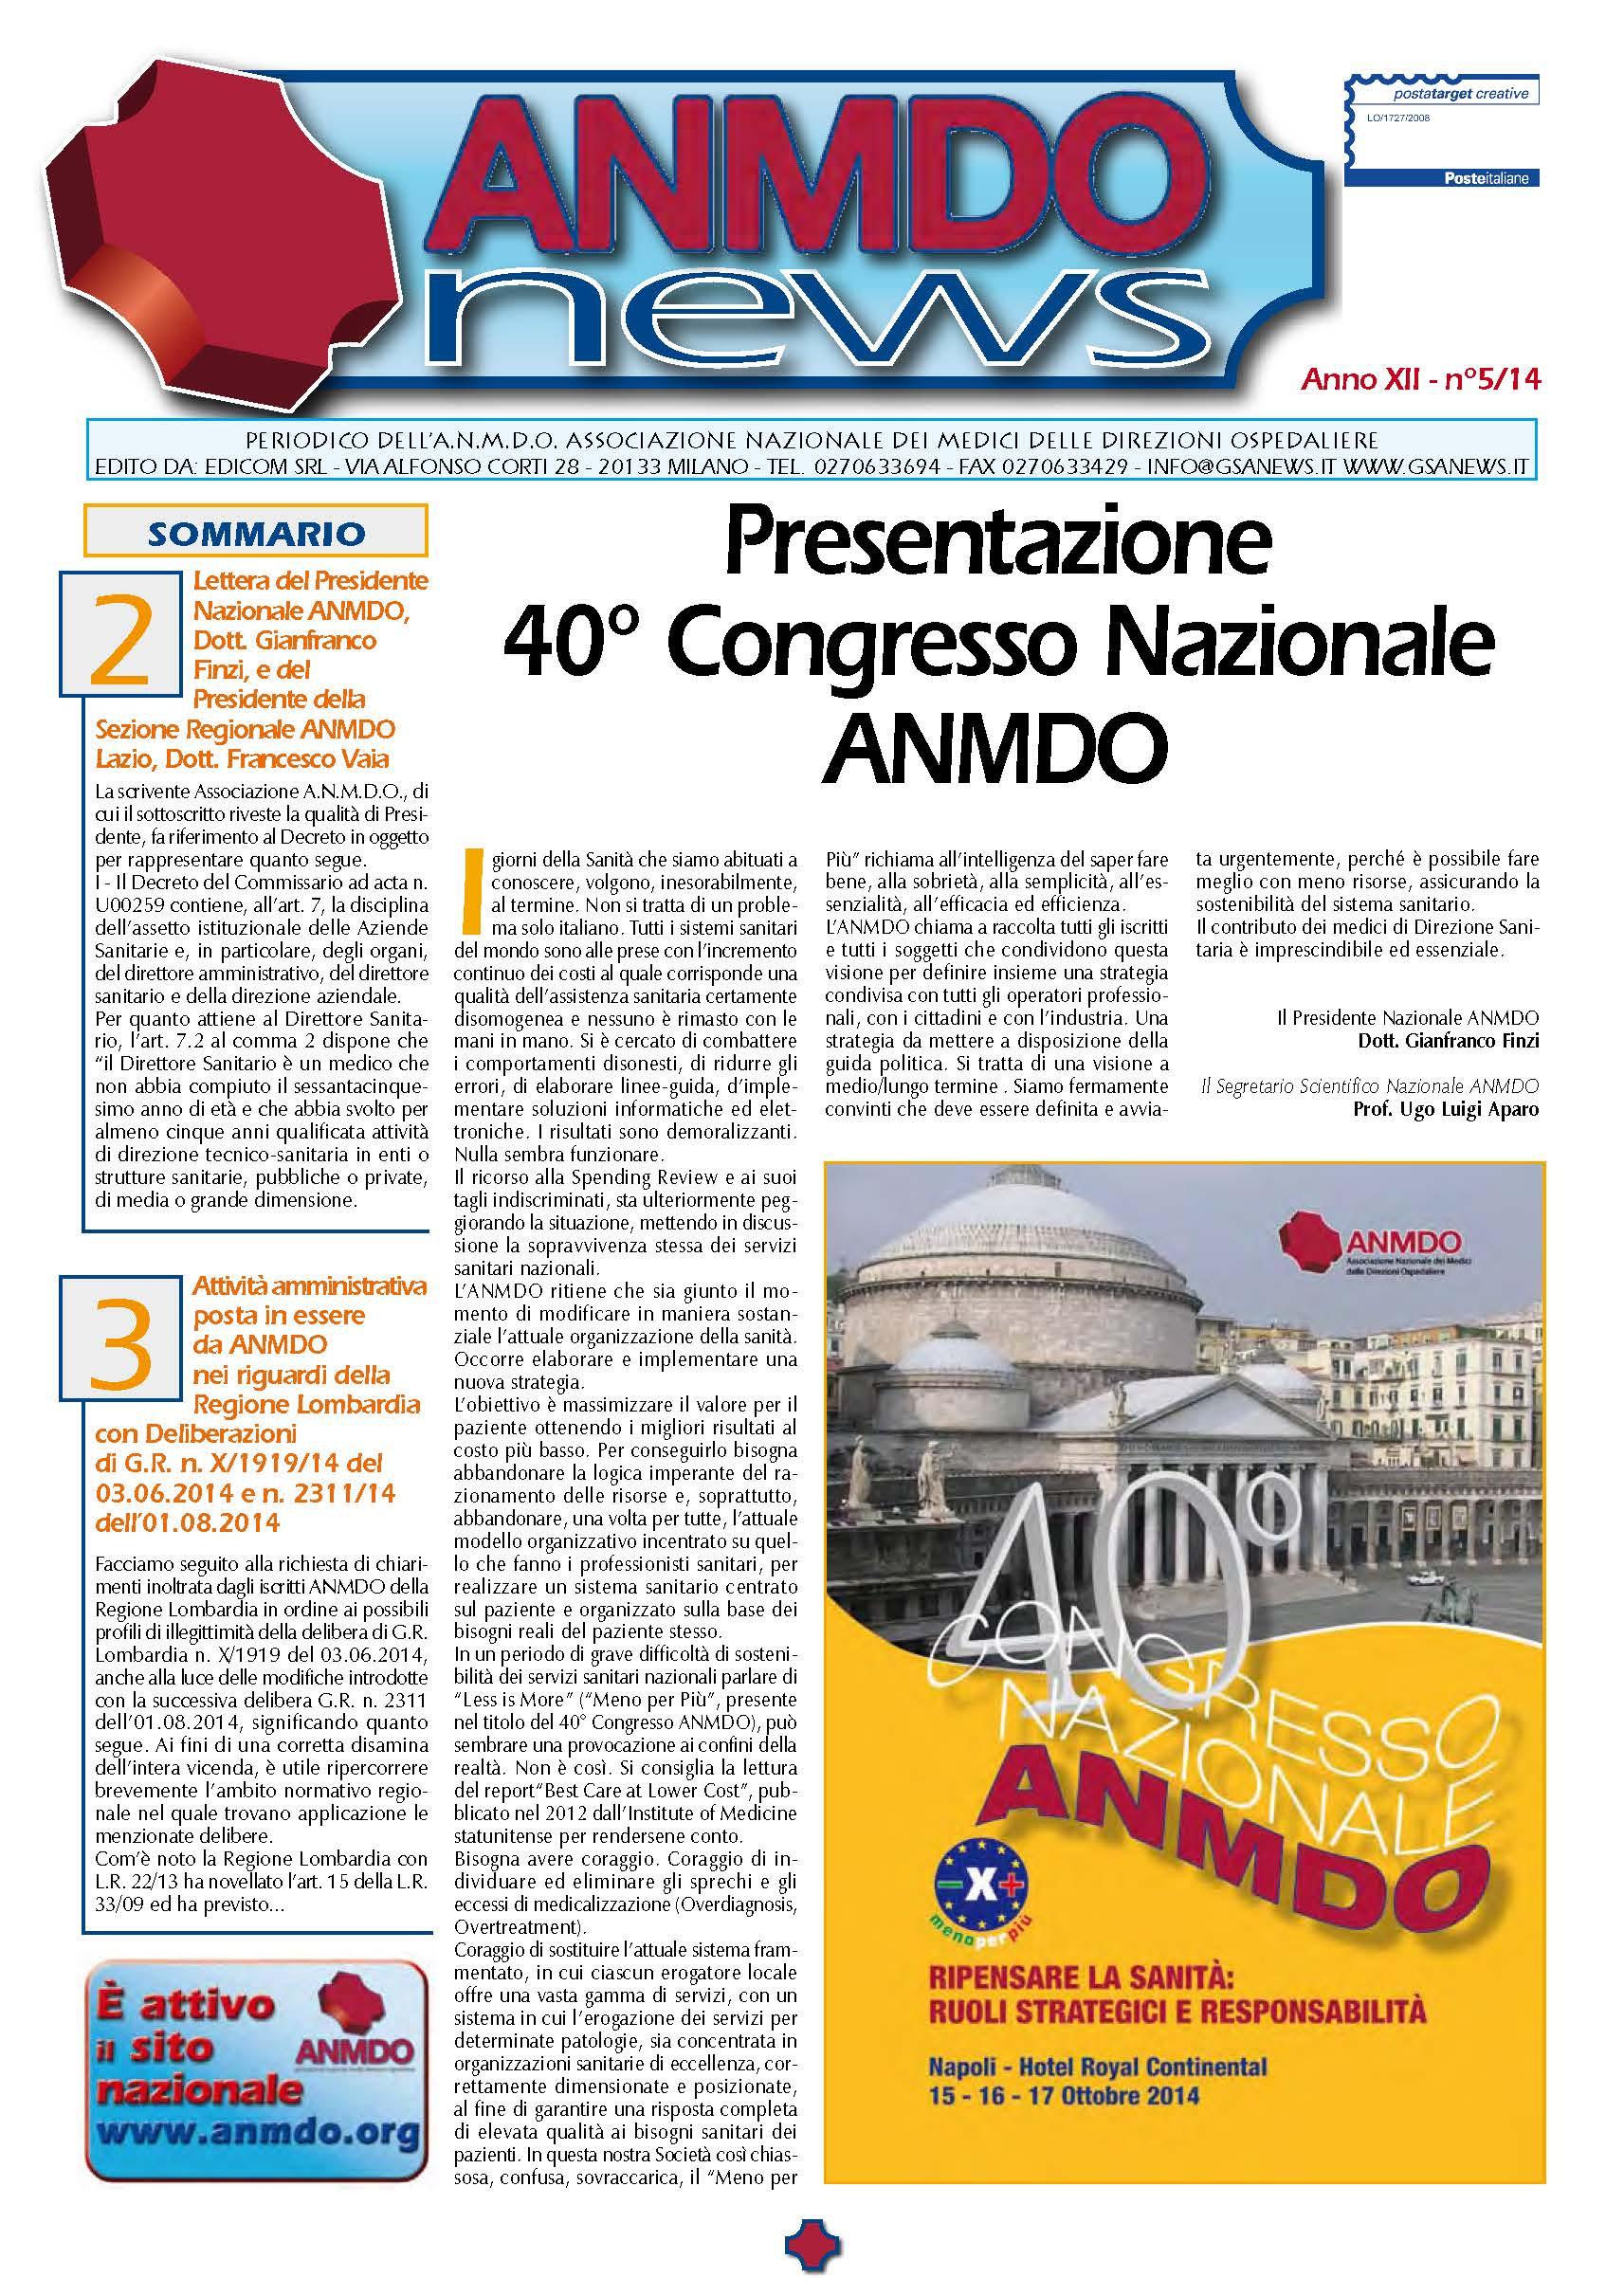 pagine-da-anmdonews_5_14